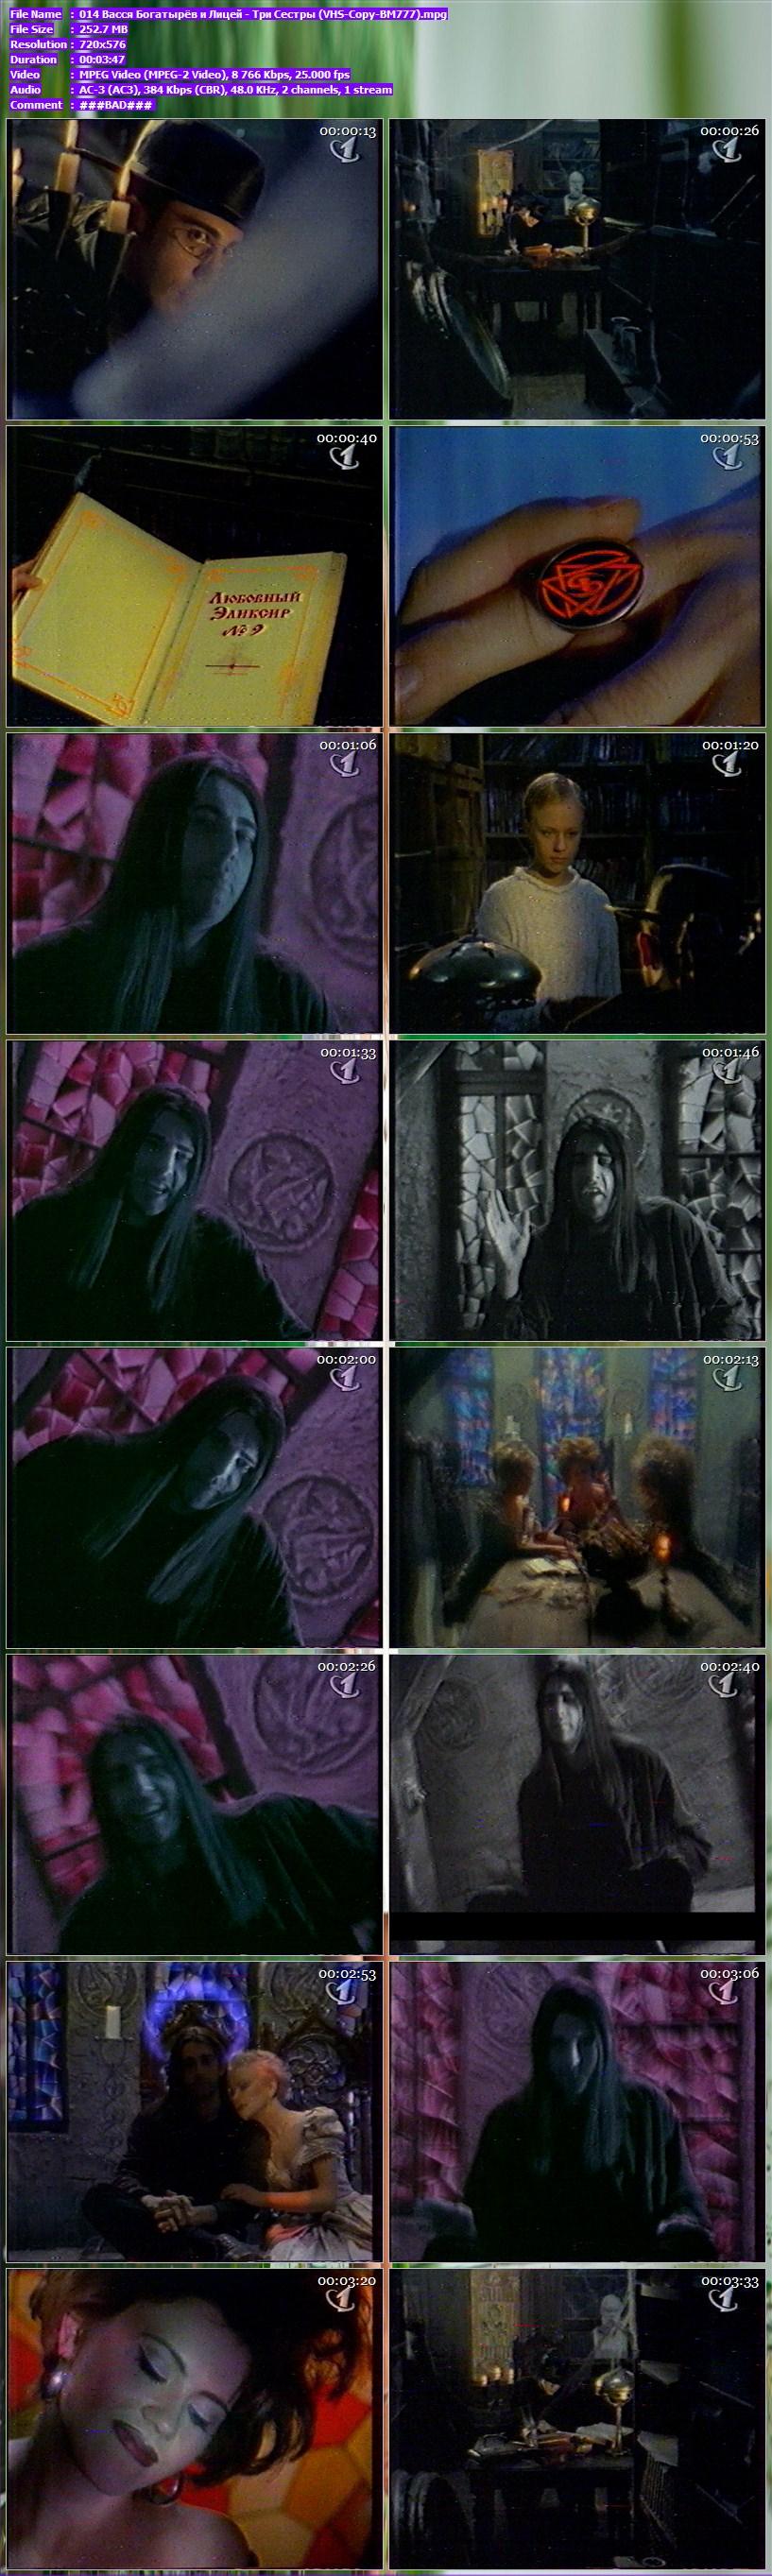 014 Васся Богатырёв и Лицей - Три Сестры (VHS-Copy-BM777).mpg.jpg